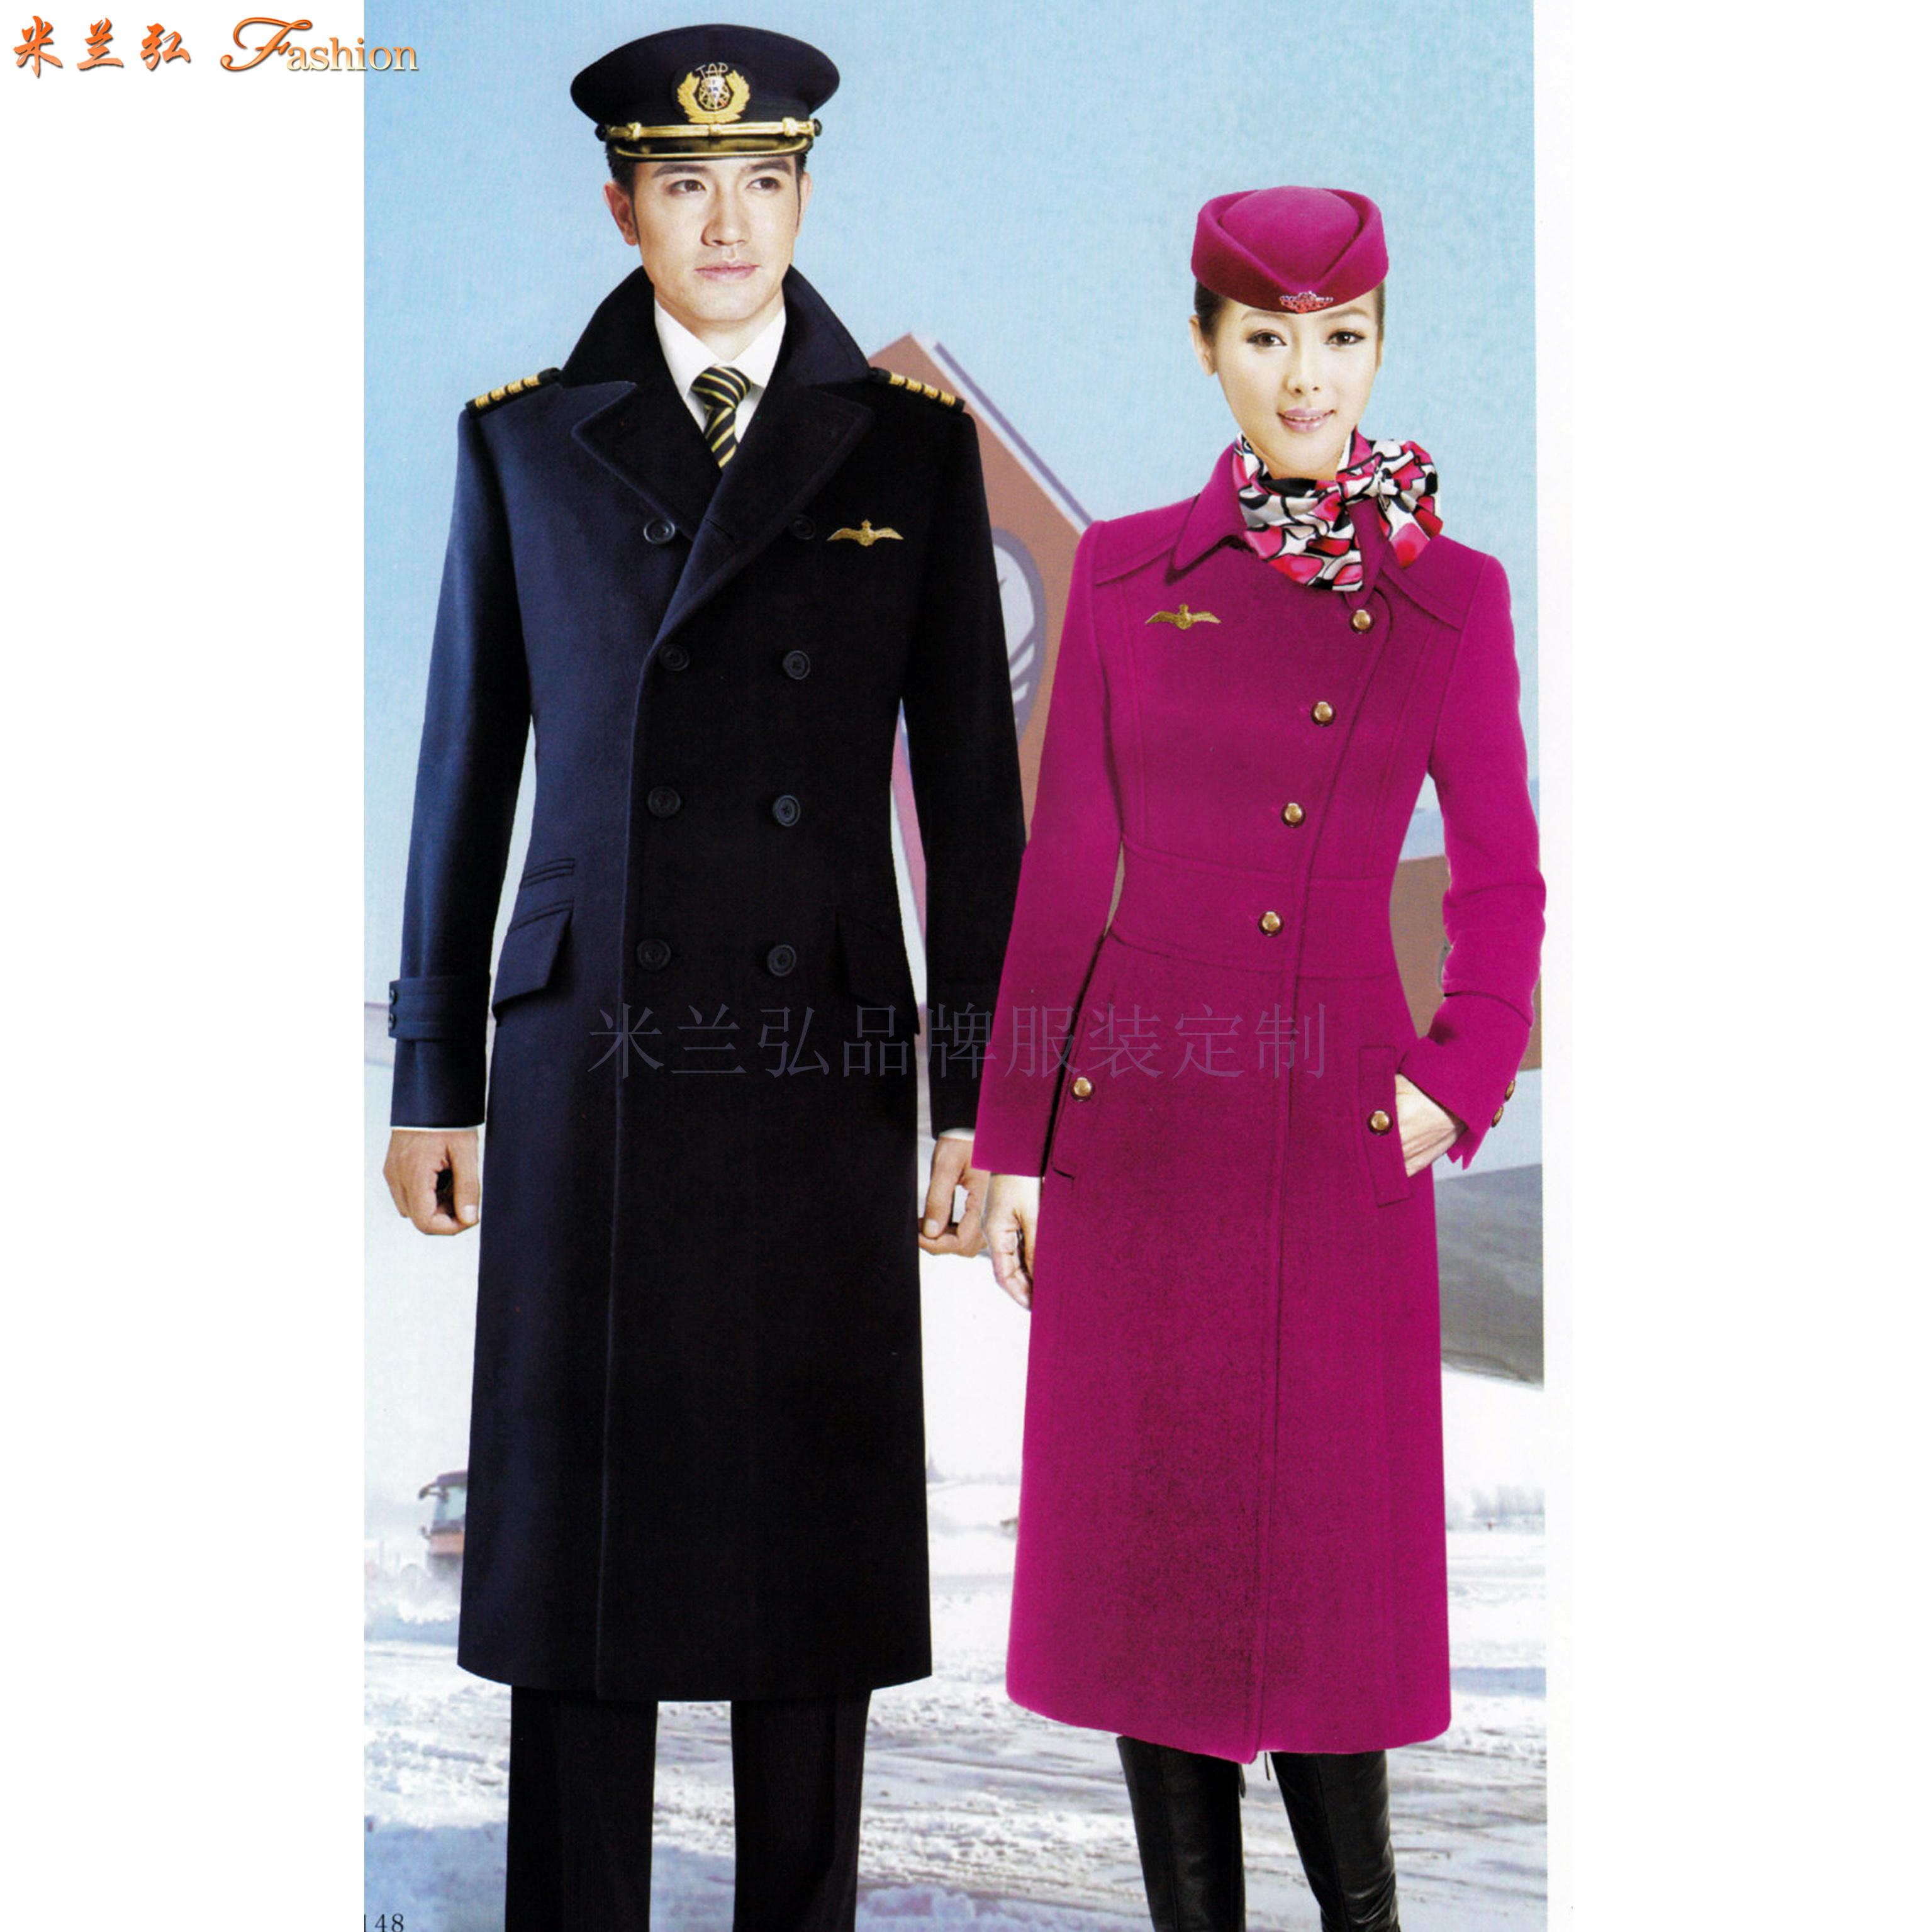 「高鐵大衣定制」「高鐵羊毛大衣定做」「高鐵乘務大衣訂制」-4